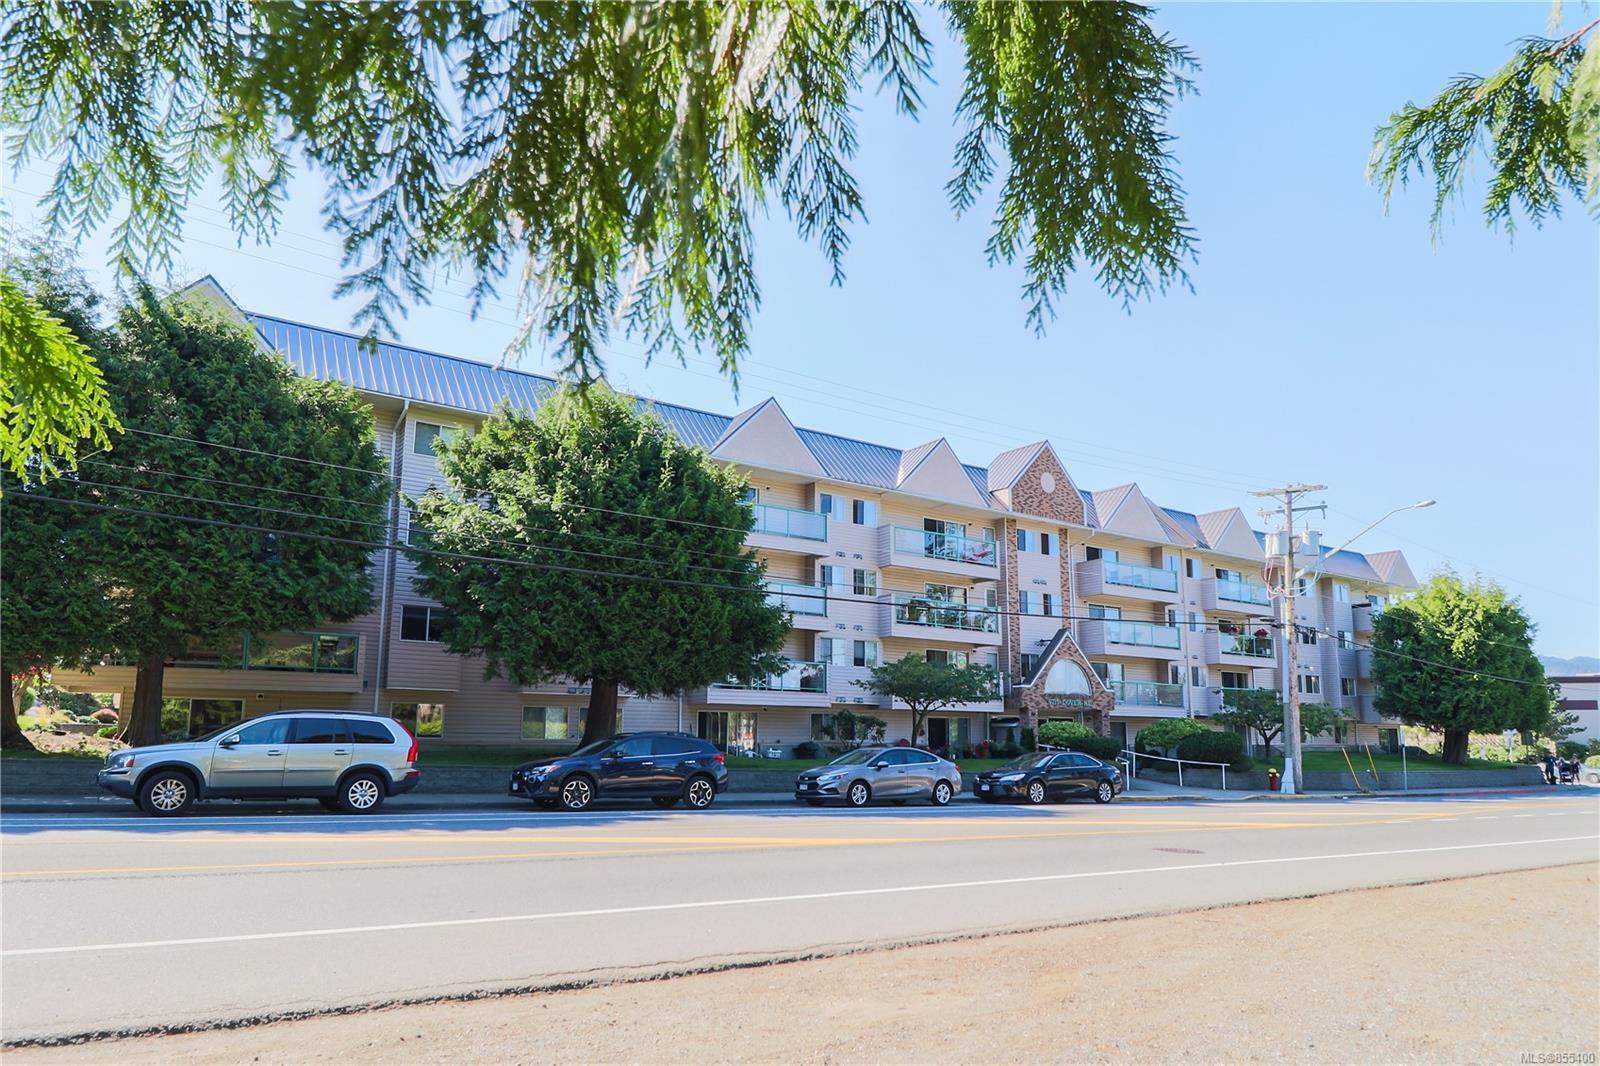 Main Photo: 203 6715 Dover Rd in : Na North Nanaimo Condo Apartment for sale (Nanaimo)  : MLS®# 855400